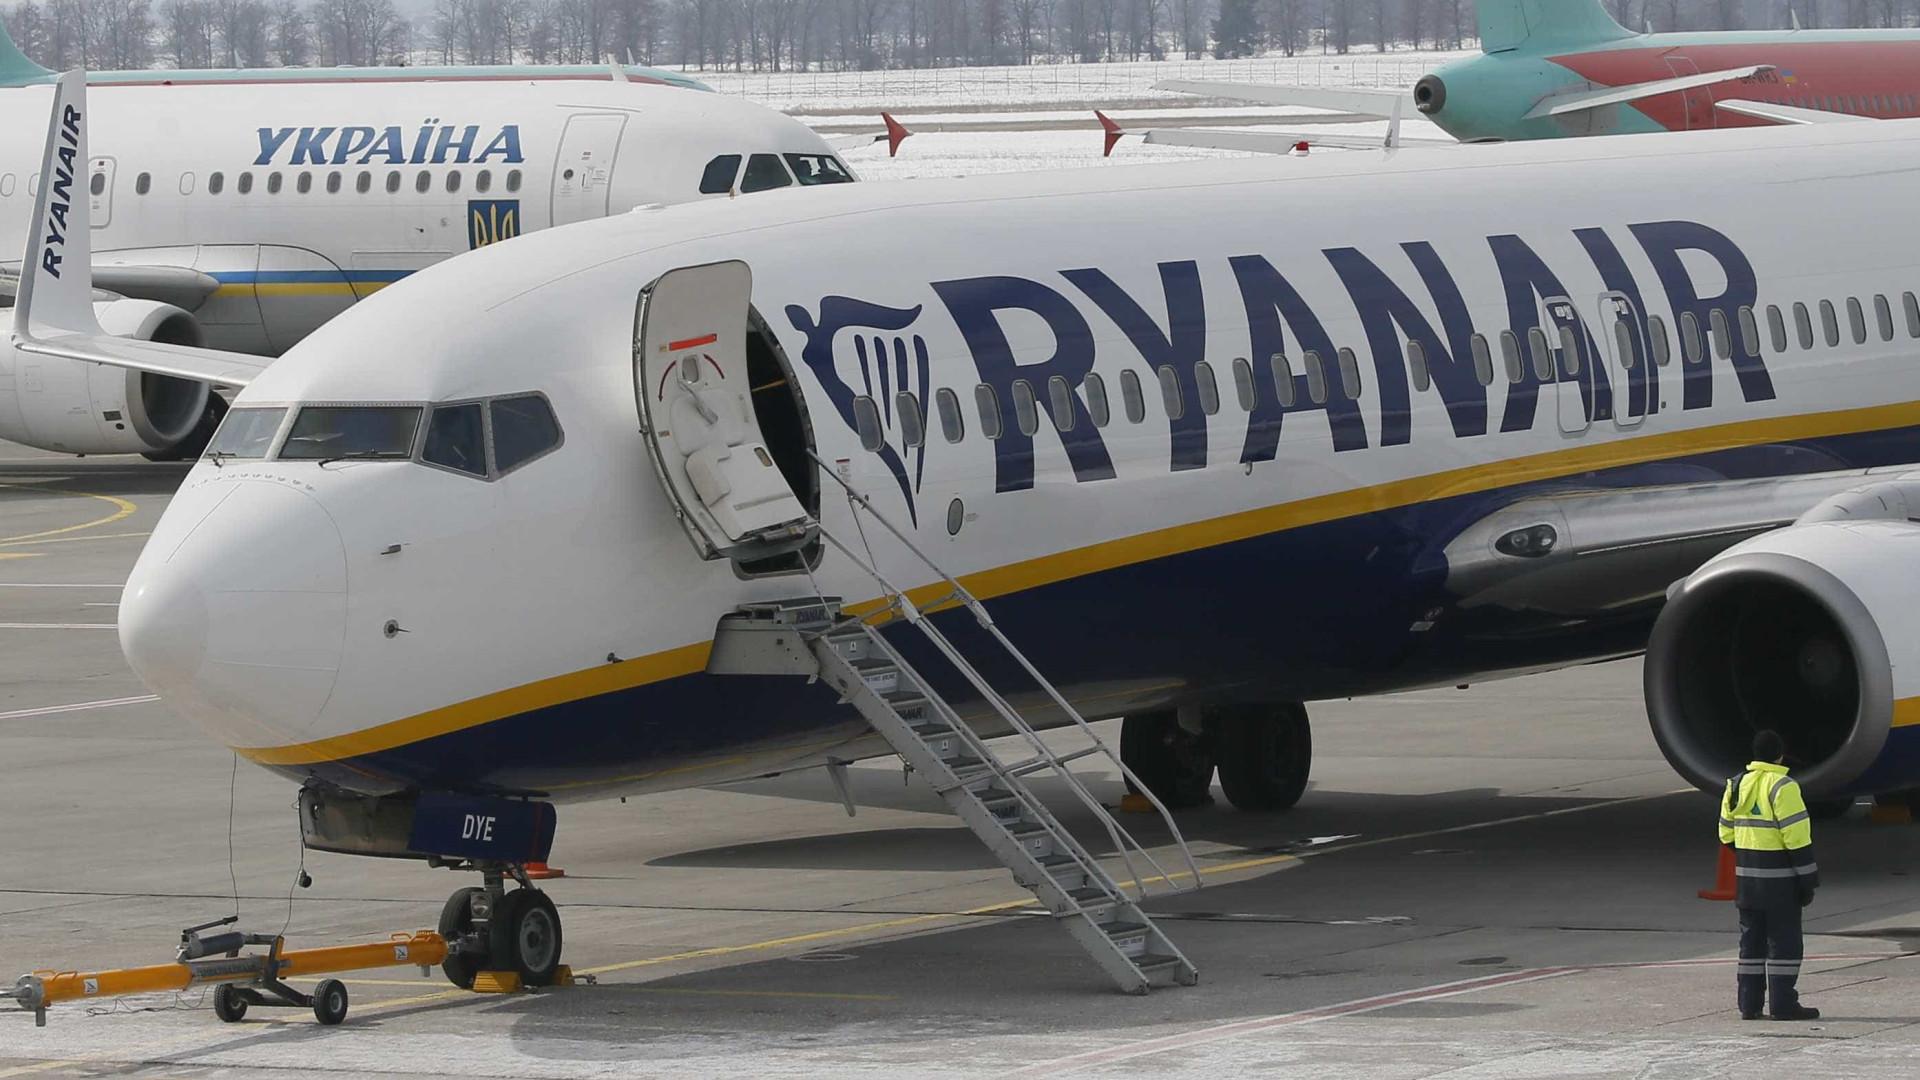 Pilotos da Ryanair na Irlanda de novo em greve em 20 e 24 de julho